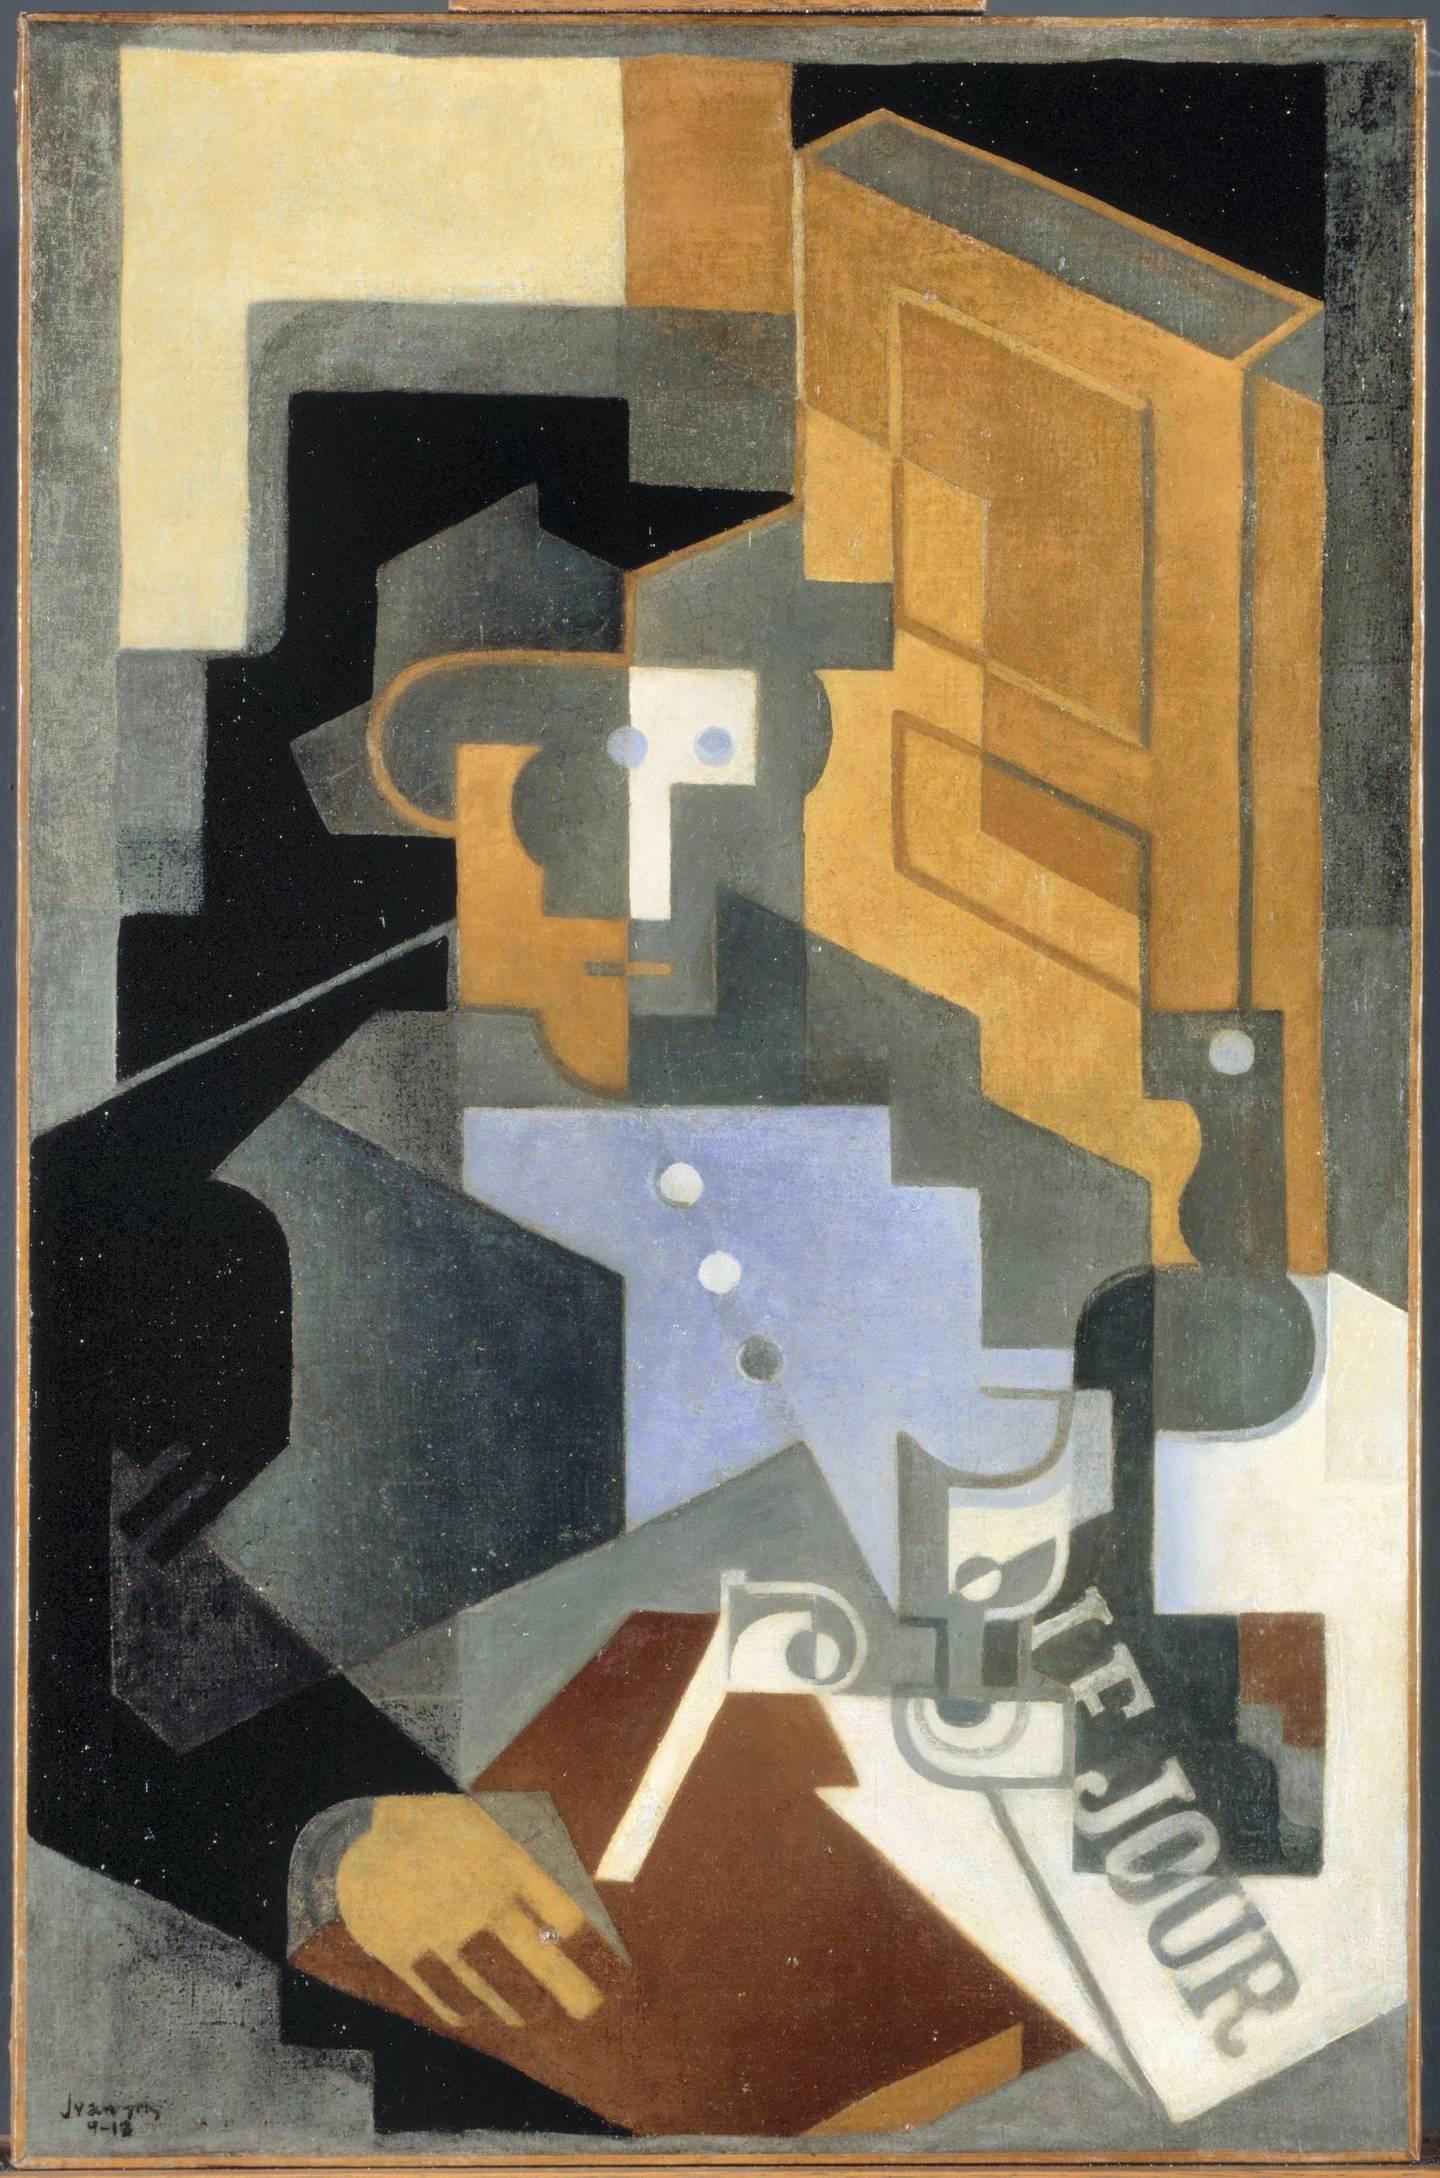 Gris Juan (dit), Gonzales Perez Jose Victoriano (1887-1927). Paris, Centre Pompidou - Musée national d'art moderne - Centre de création industrielle. AM3976P. Courtesy Louvre Abu Dhabi